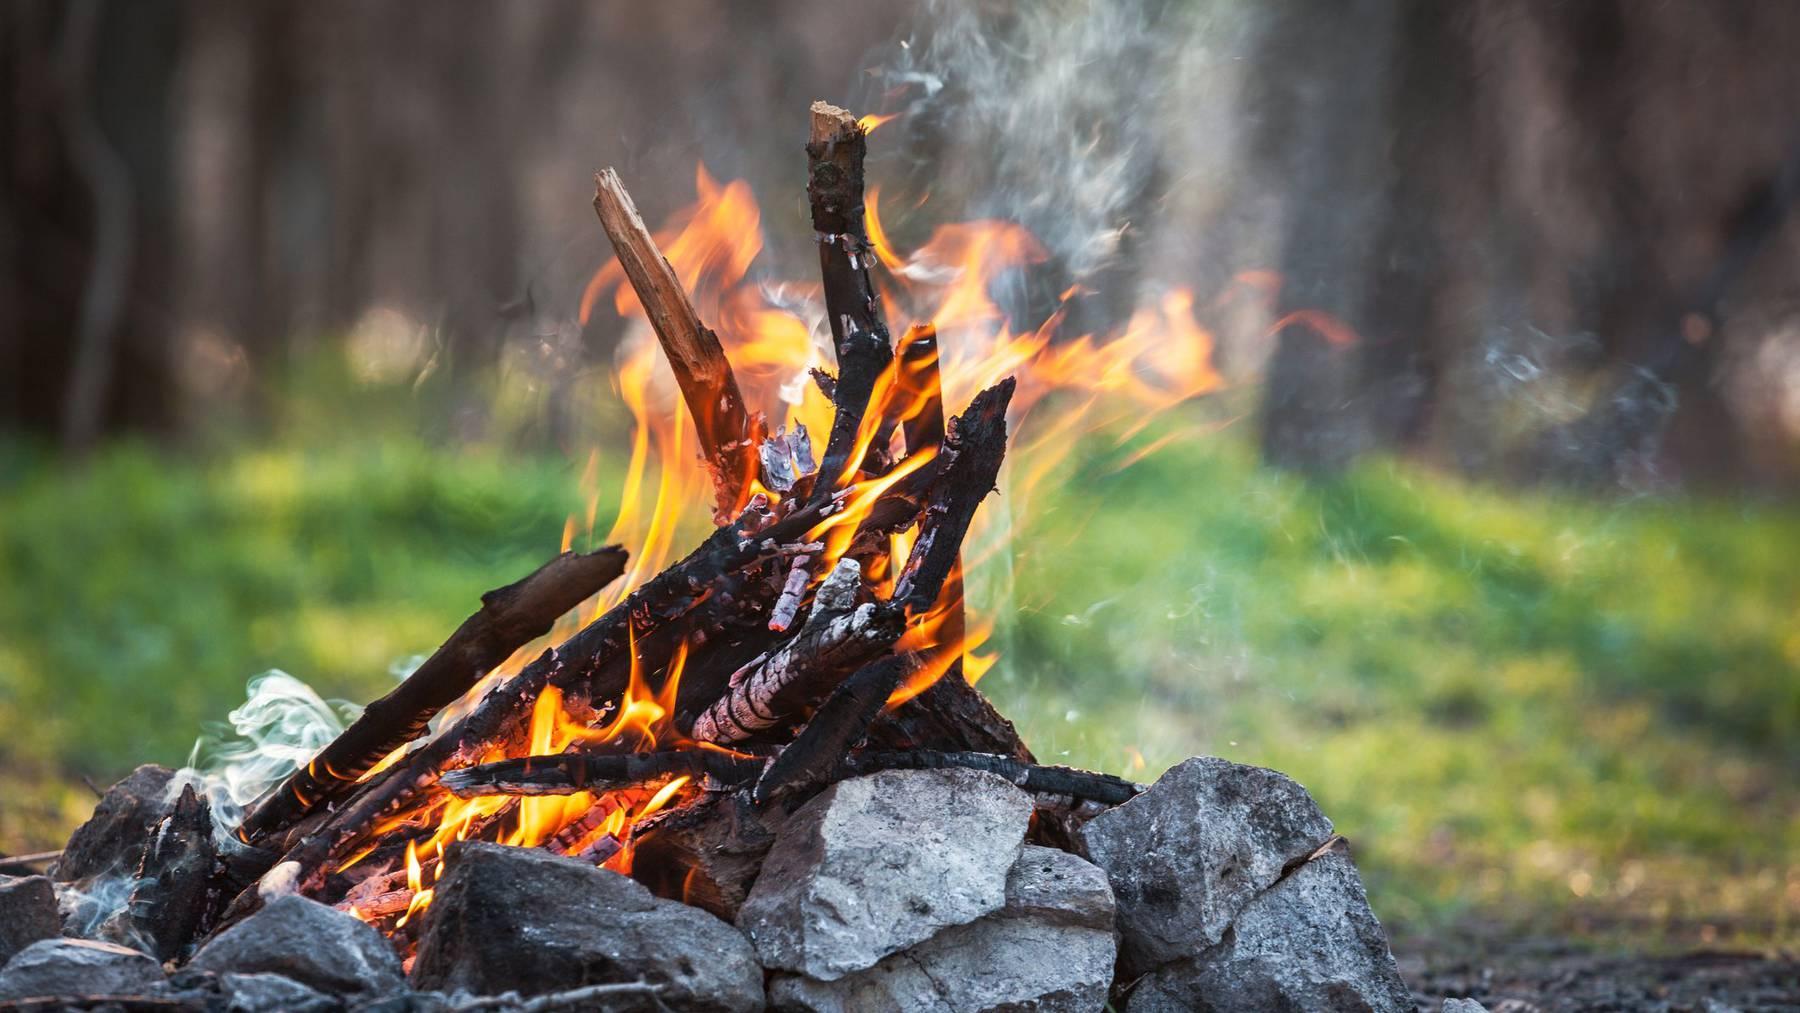 Lokal, vor allem in Gebieten mit viel trockenem Unterholz oder viel Laub- und Nadelstreu auf dem Waldboden, ist die Waldbrandgefahr dennoch erheblich. Dort ist beim Feuer machen noch immer Vorsicht geboten.